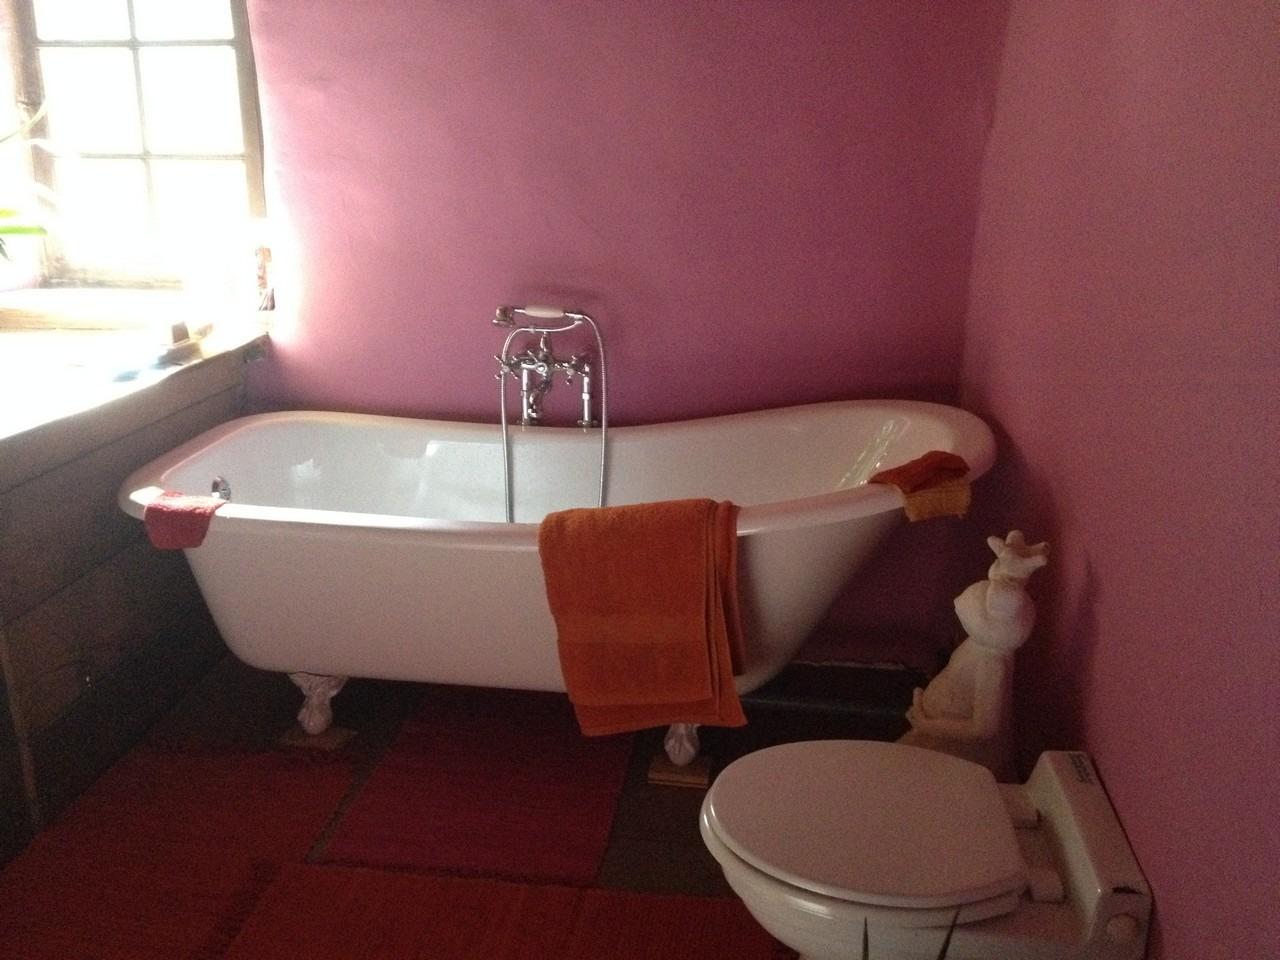 richard installation salle de bain en creuse guéret aubusson bonnat - Chauffage / Plomberie / Électricité